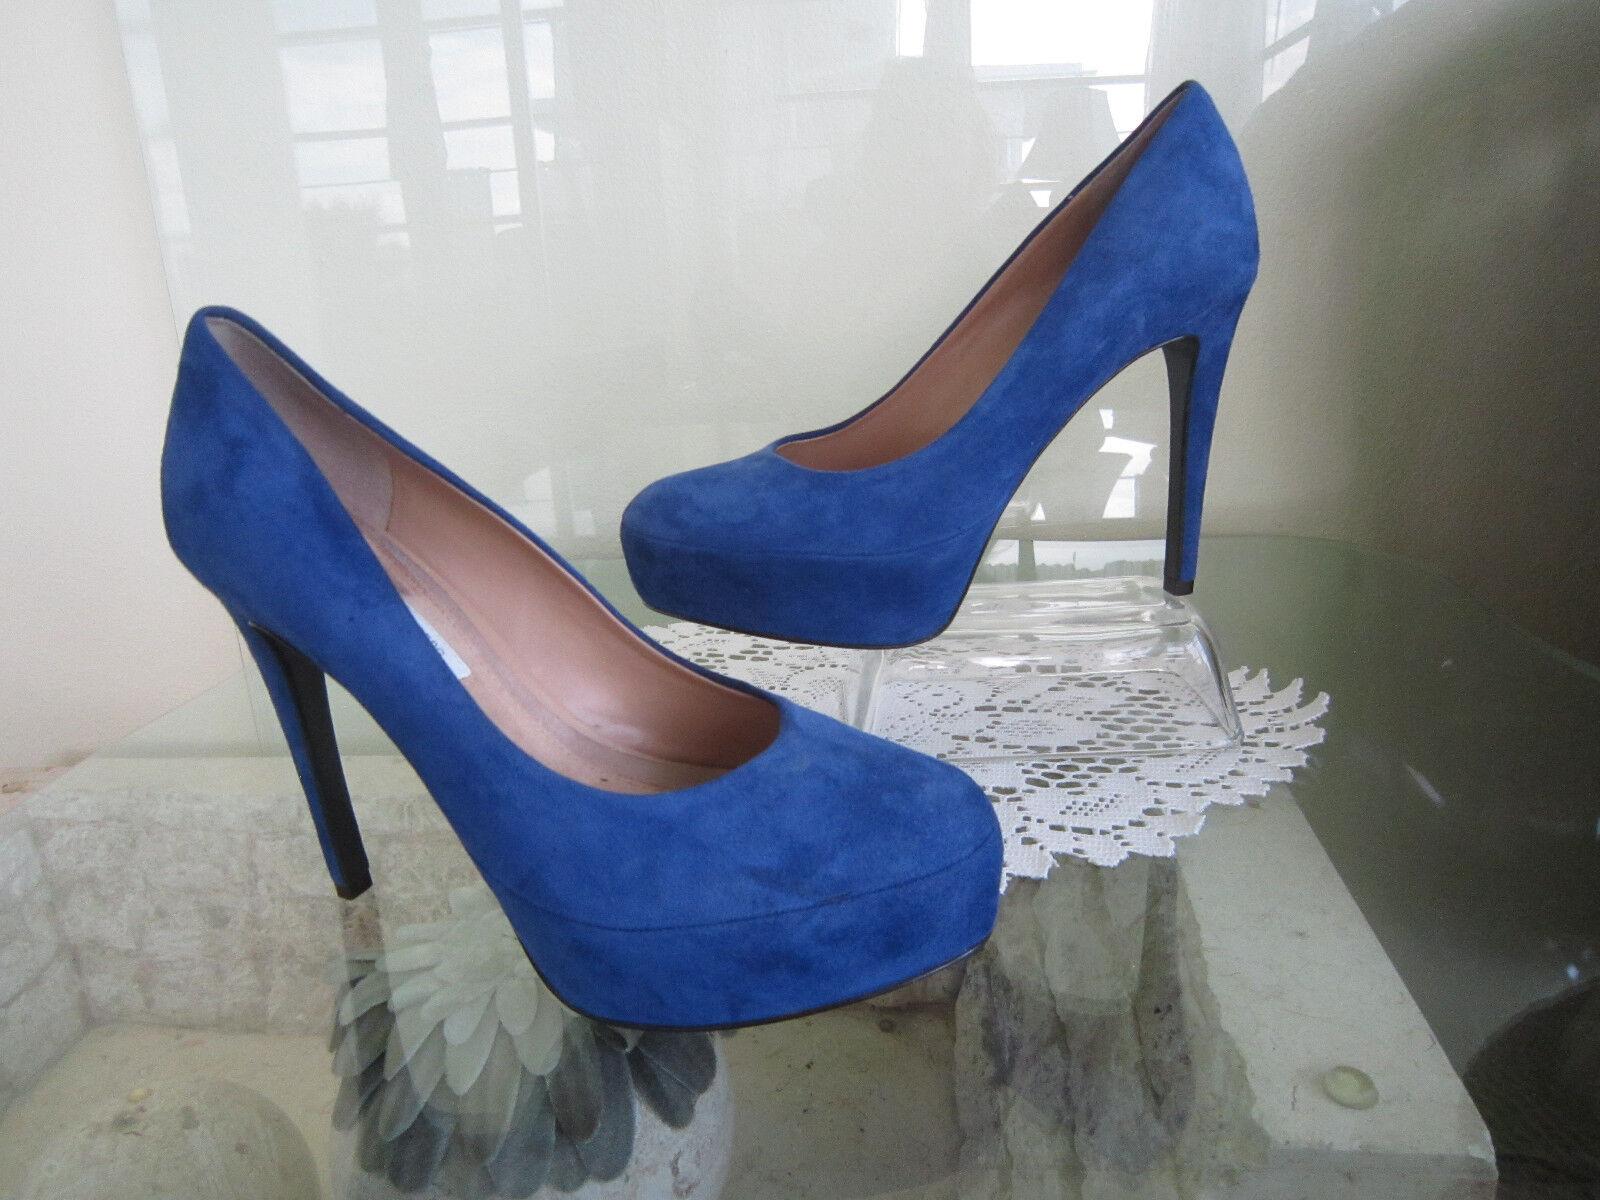 outlet online economico Diane Von Furstenberg  donna donna donna blu Renee Suede Pumps Dimensione 9 M   298.00  alta qualità